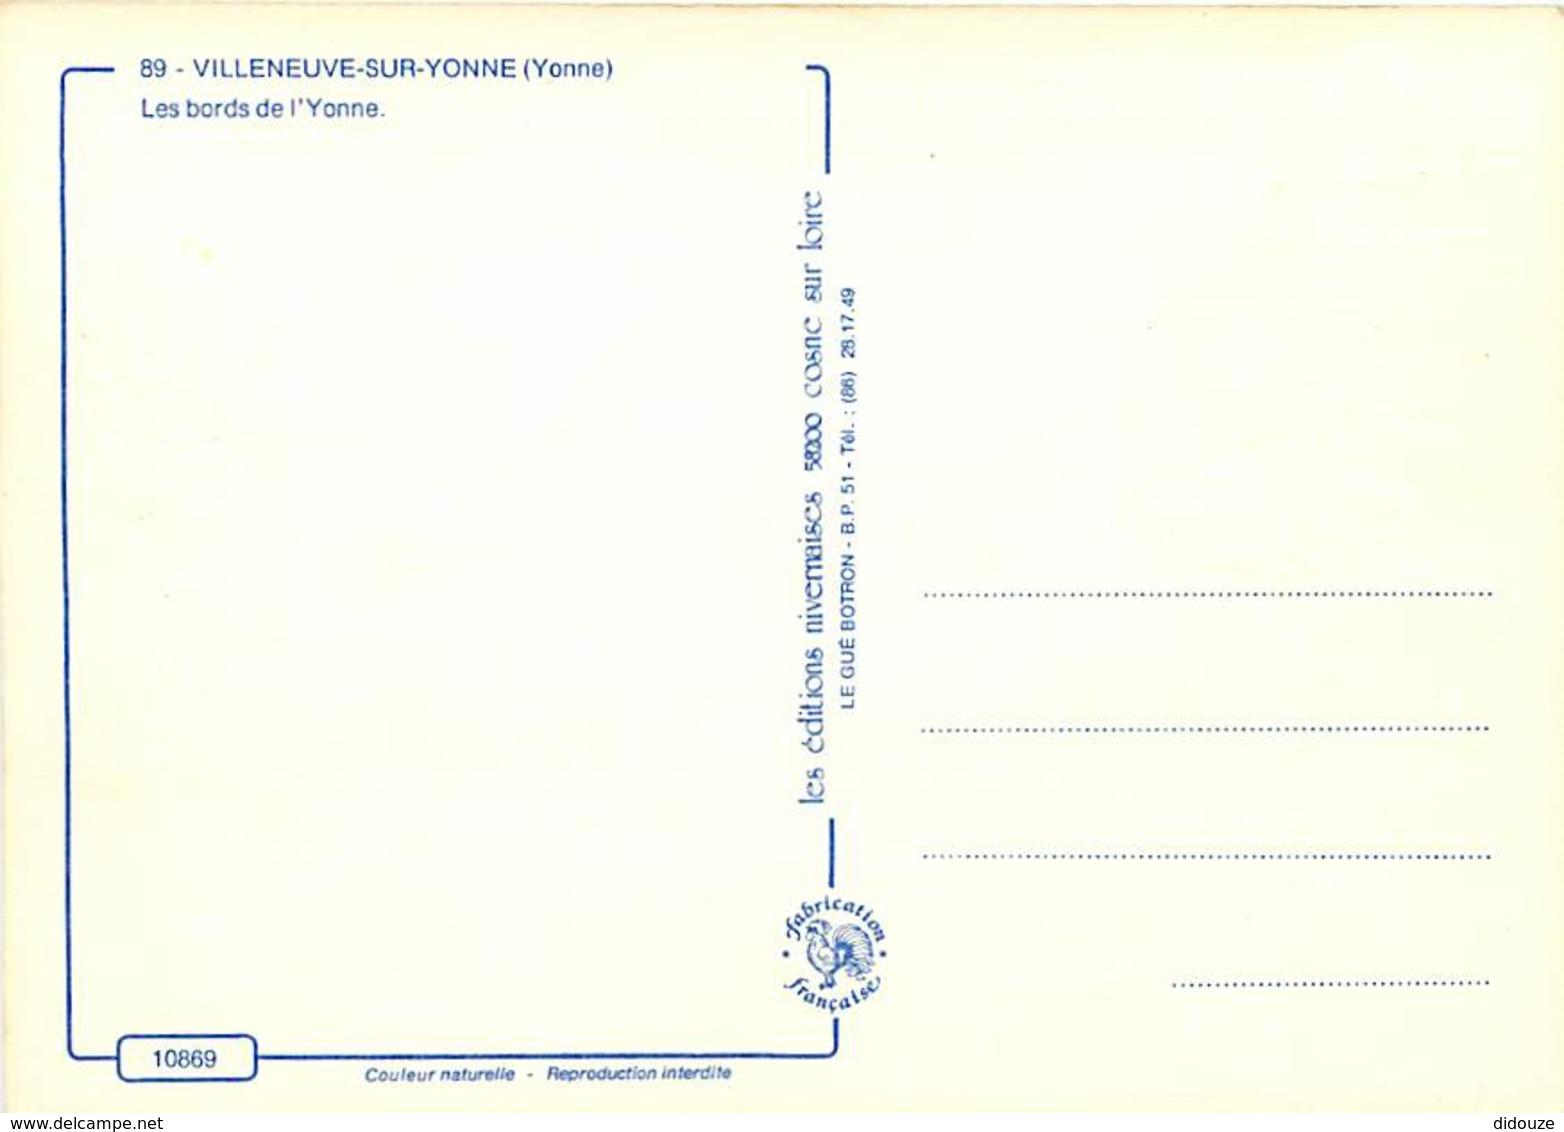 89 - Villeneuve Sur Yonne - Les Bords De L'Yonne - Voile - Carte Neuve - CPM - Voir Scans Recto-Verso - Villeneuve-sur-Yonne